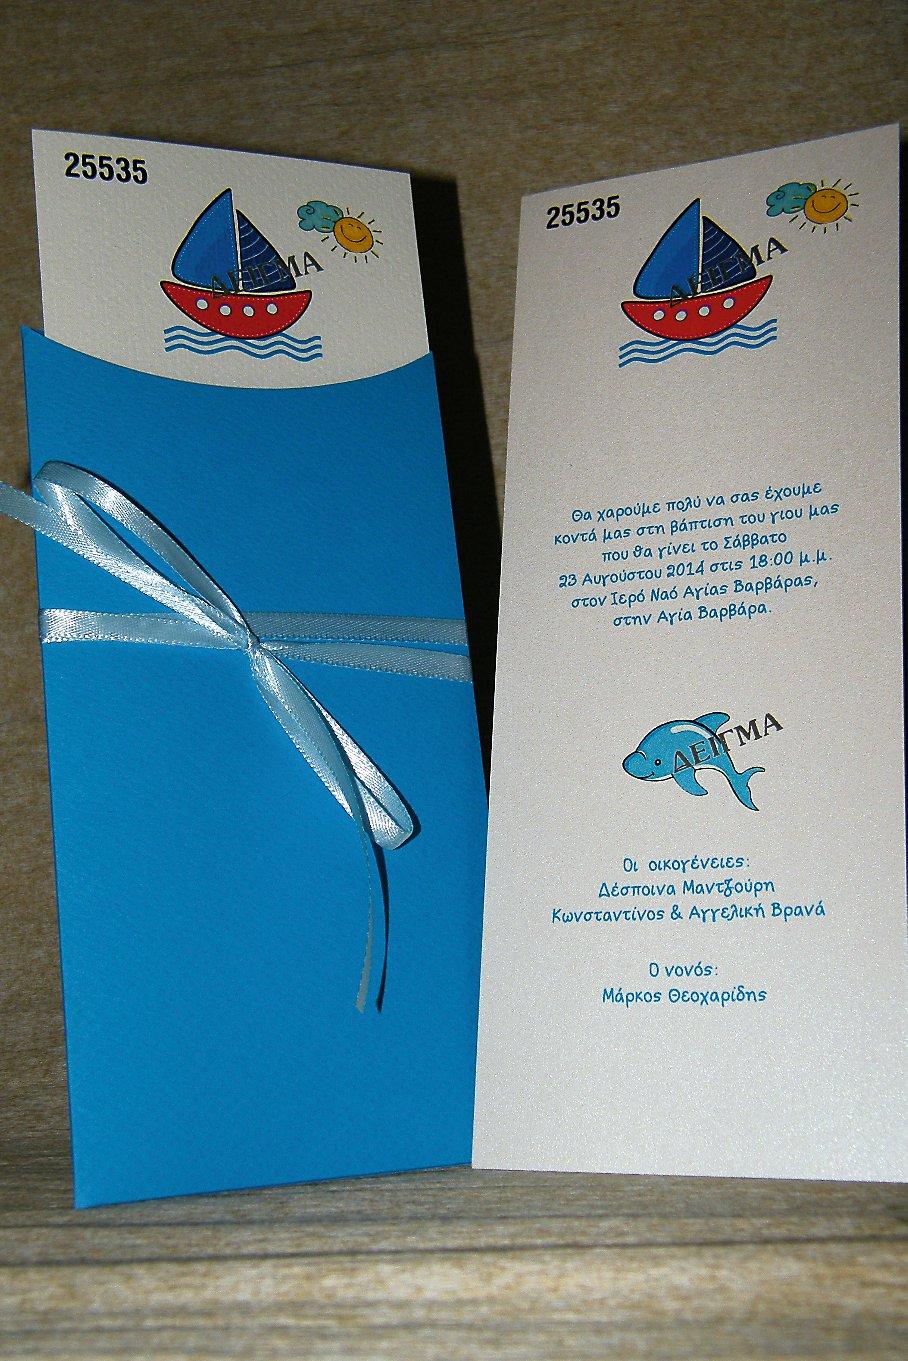 Προσκλητήριο καραβάκι δελφινάκι